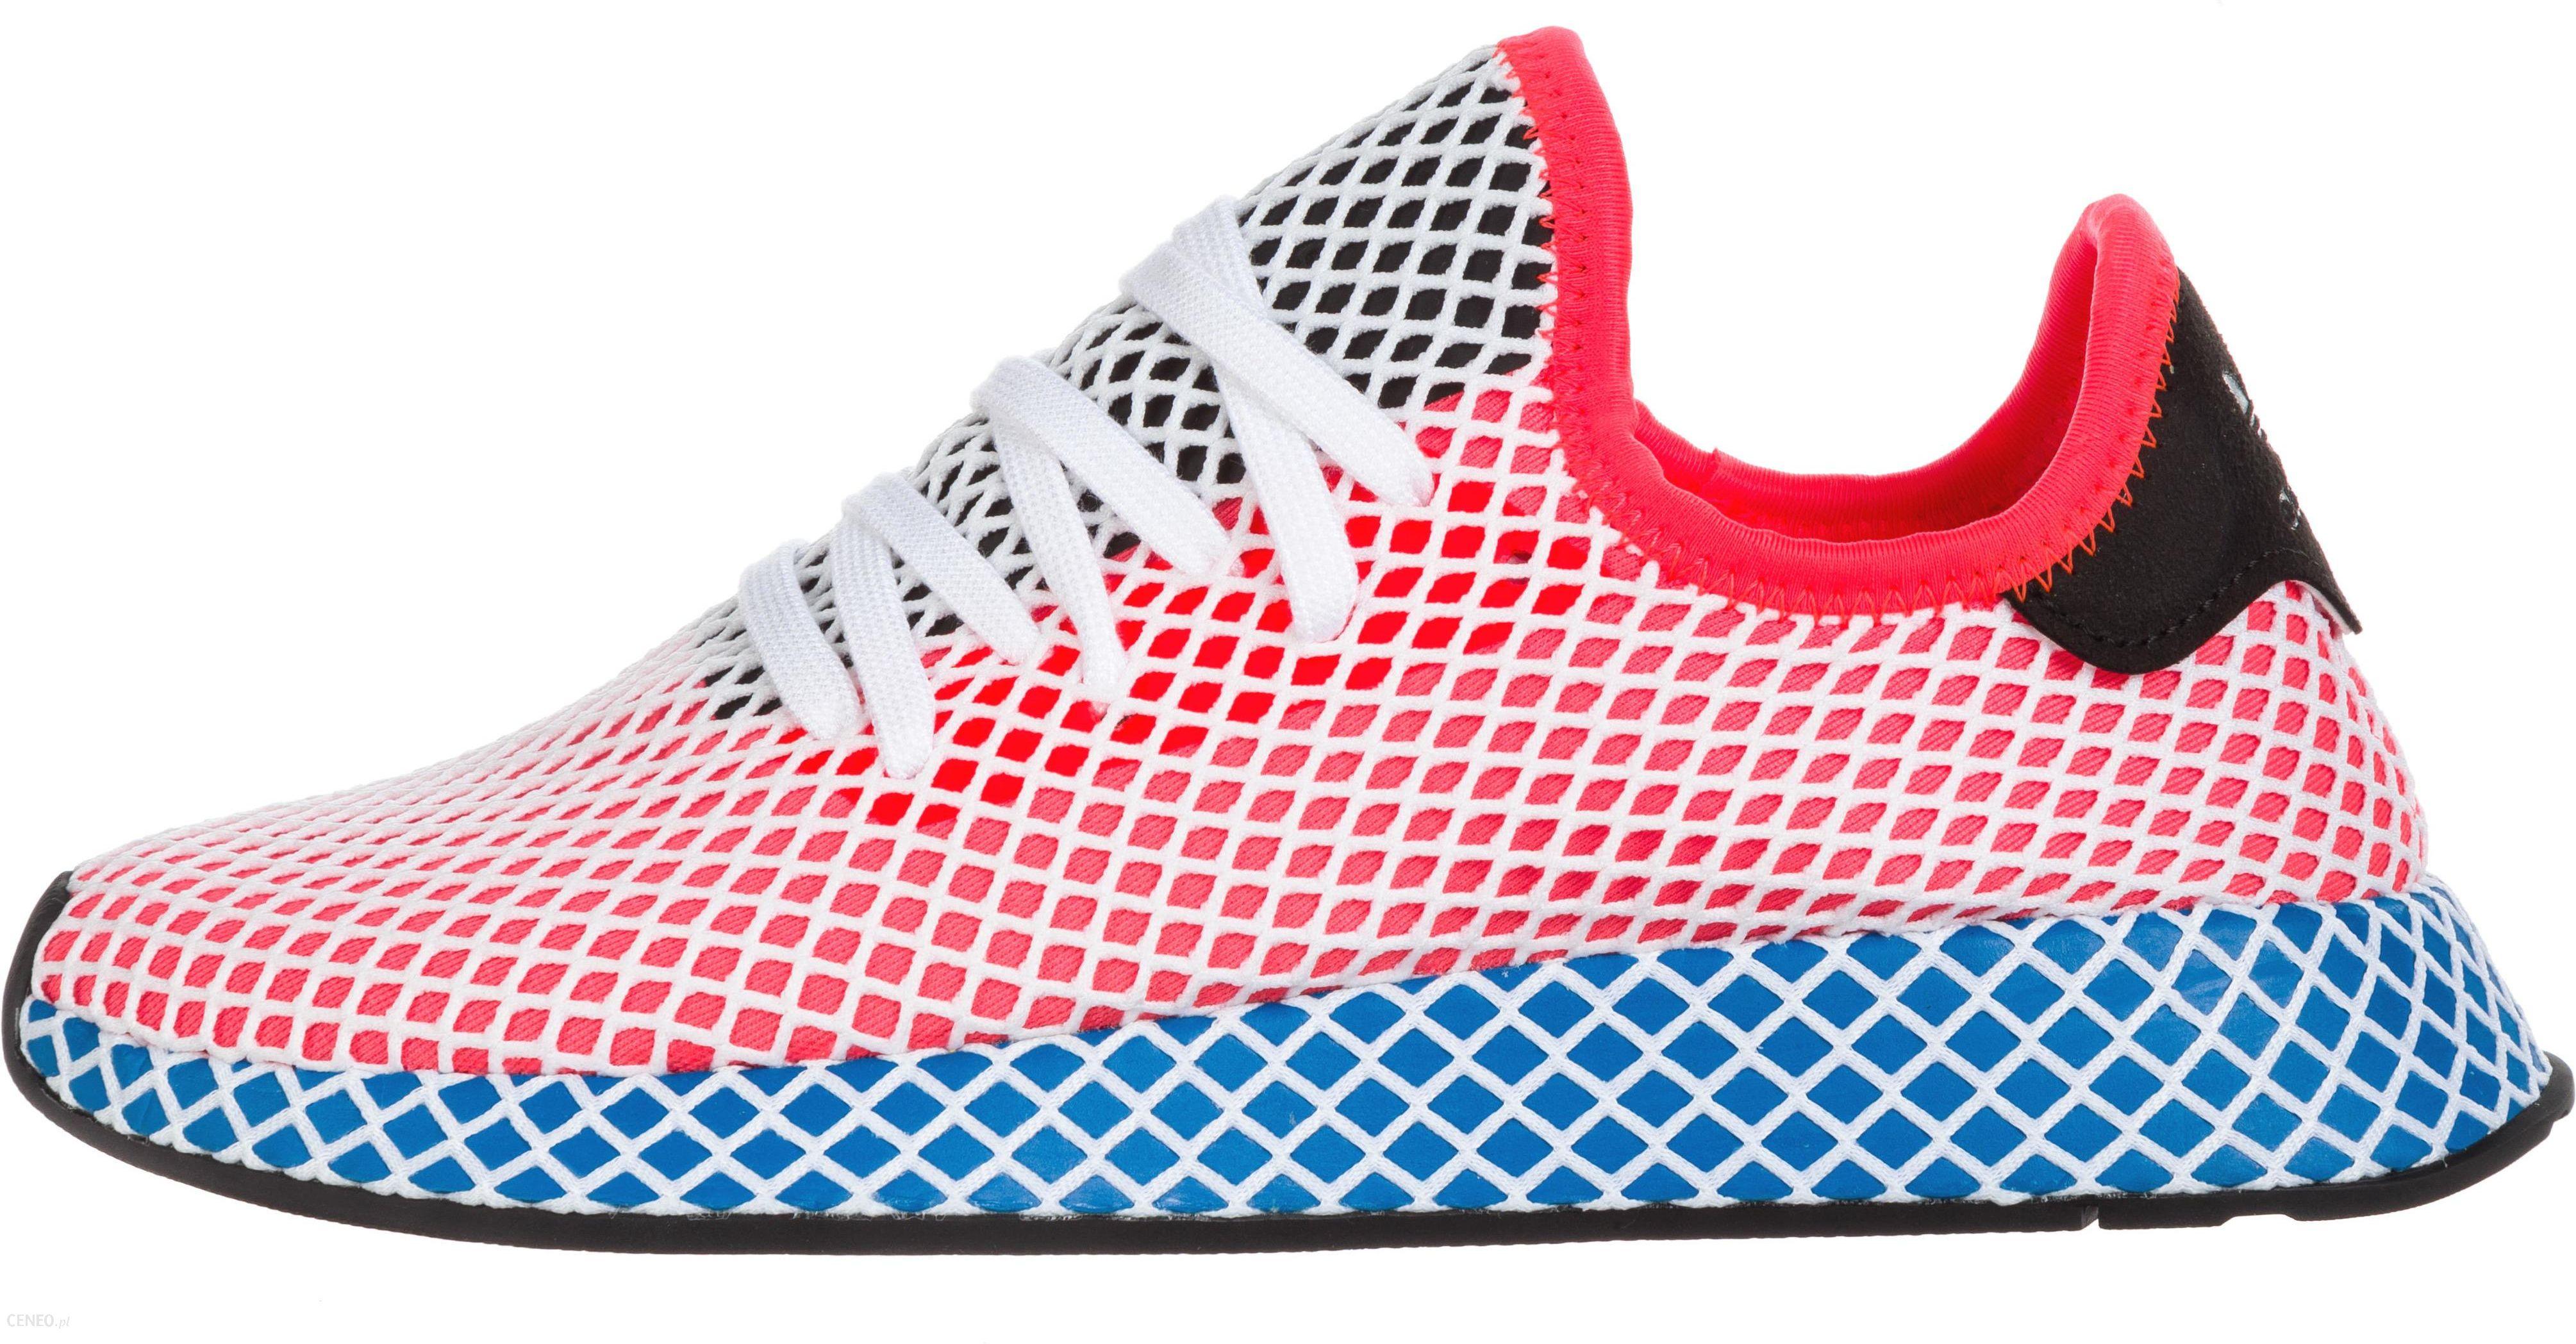 Adidas Originals Deerupt Runner Tenisówki Niebieski Czerwony 39 13 Ceny i opinie Ceneo.pl